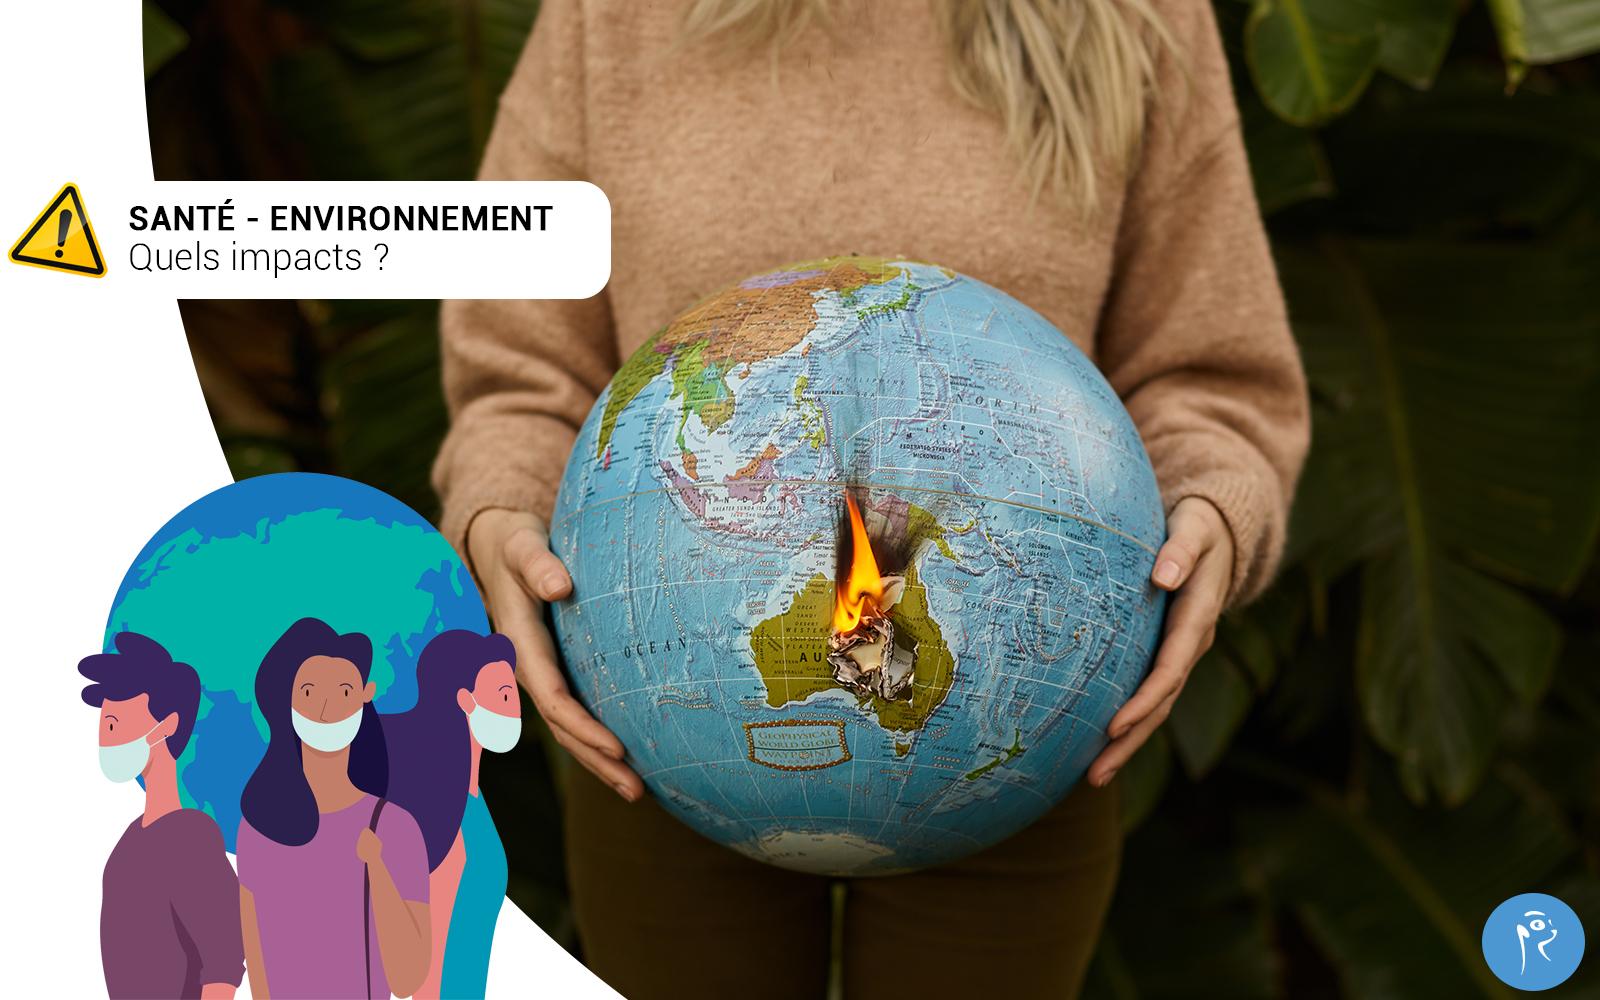 Chaque année, dans le monde, c'est environ 13 millions de décès dus à l'environnement et 7 millions de décès prématurés dus à une mauvaise qualité de l'air. La santé environnementale est un enjeu primordial pour la santé publique